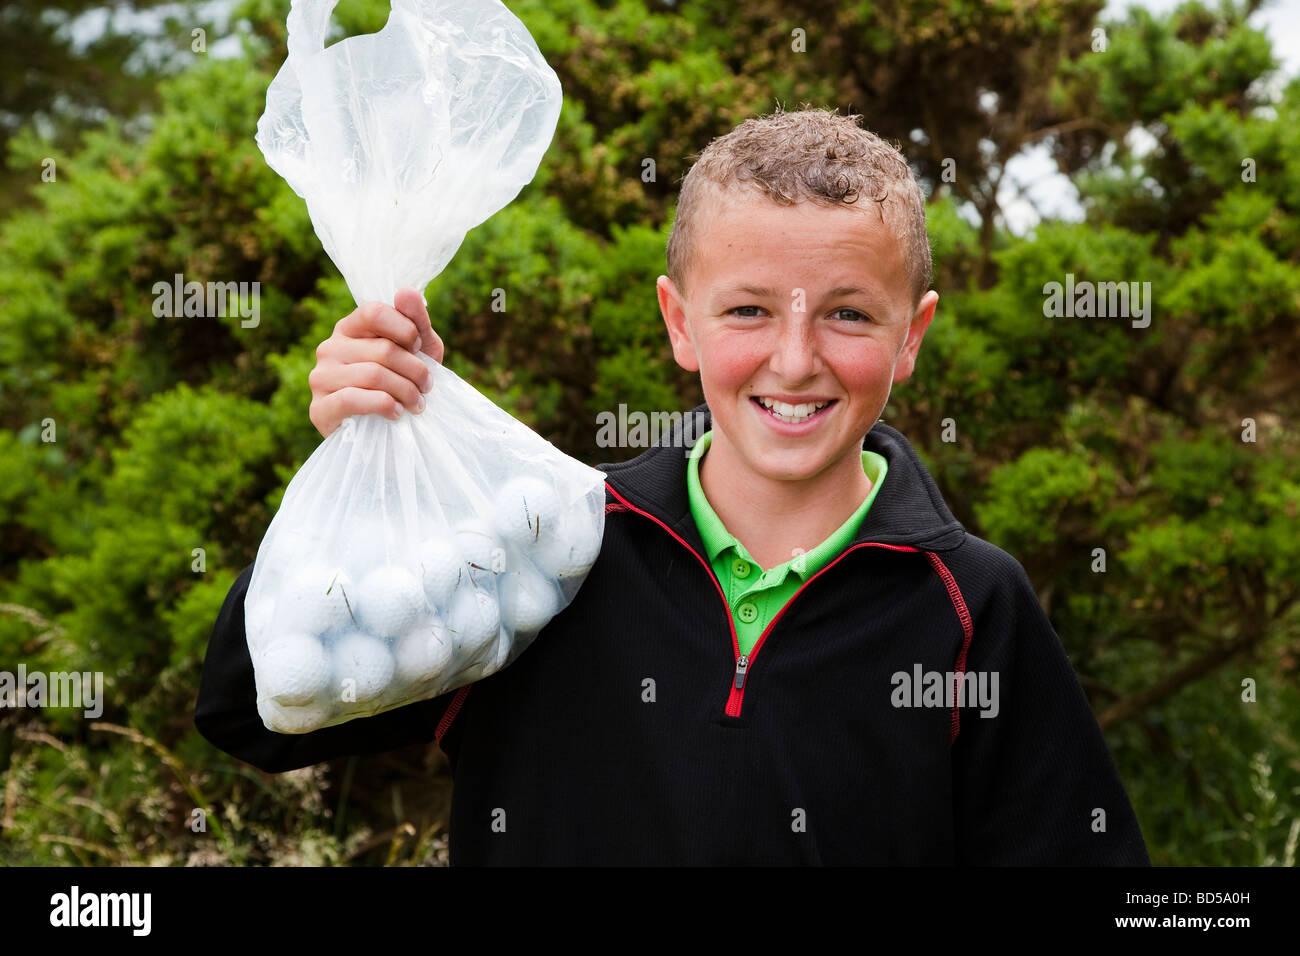 Joven recogiendo pelotas de golf en un campo de golf Imagen De Stock